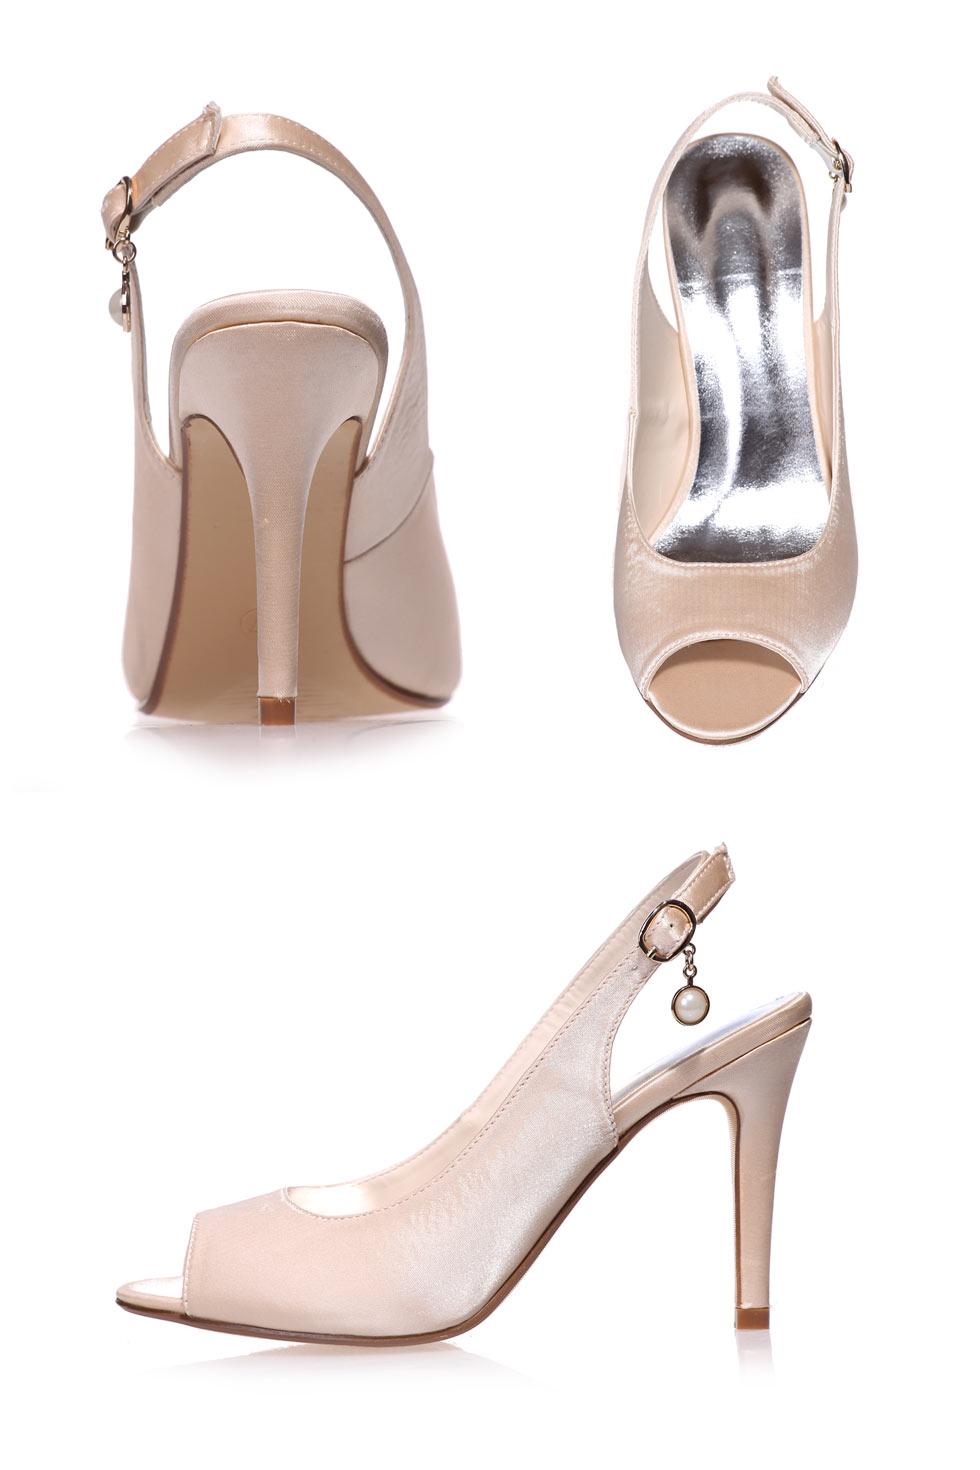 escarpin talon decouvert avec perle couleur nude champagne